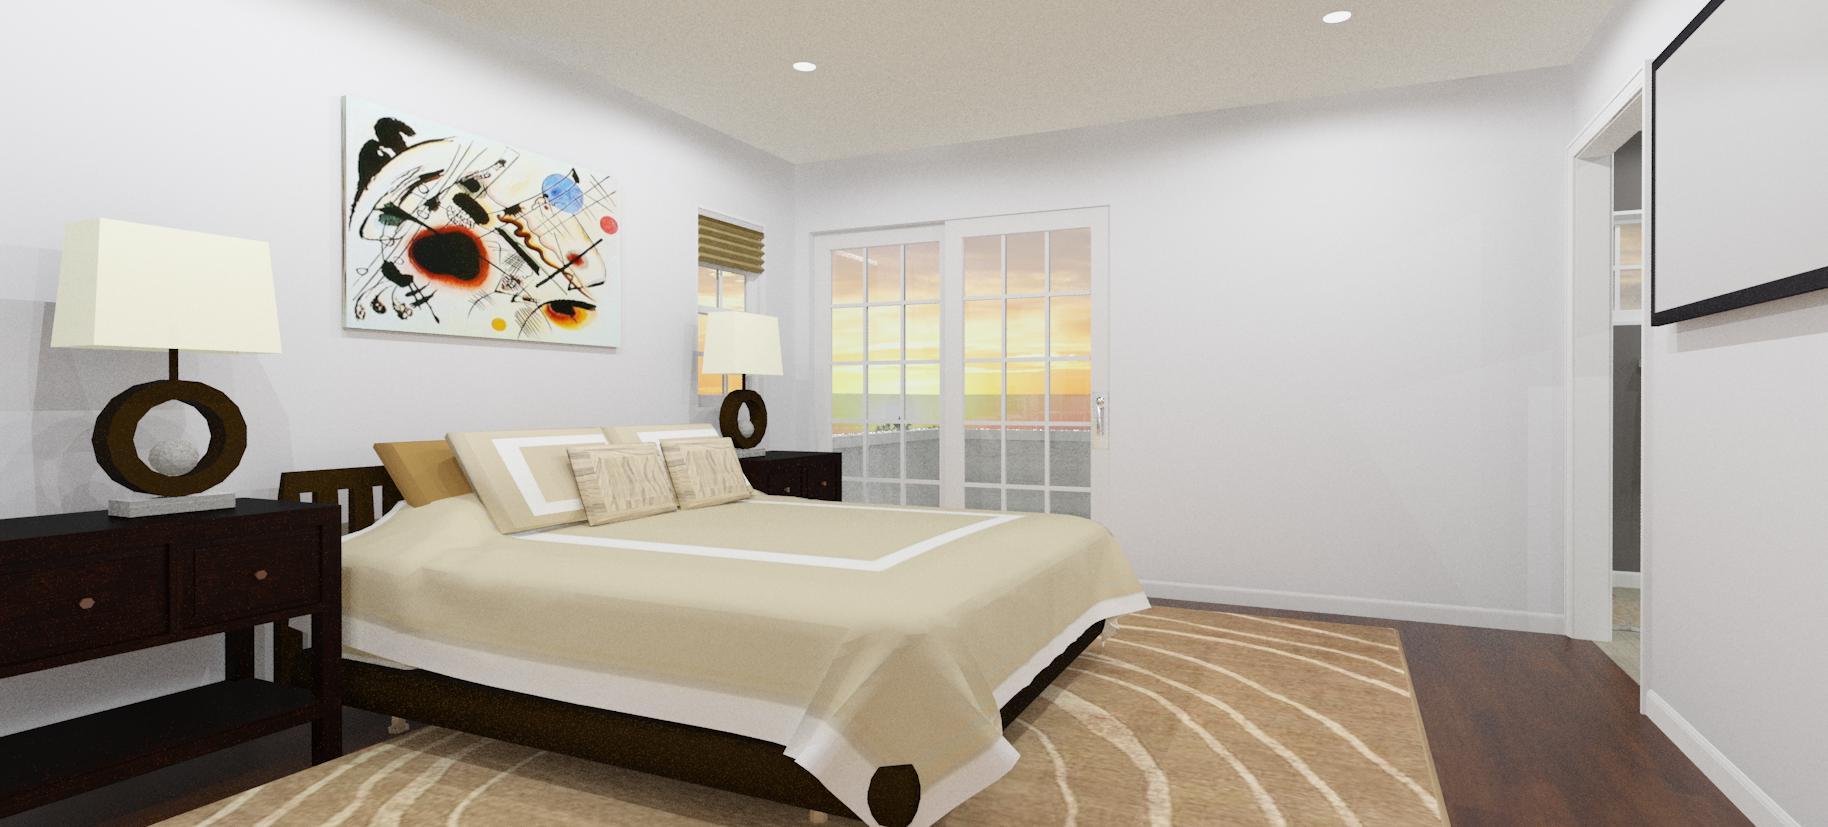 Master-Bedroom-Design-3-7-interior-raytrace-1